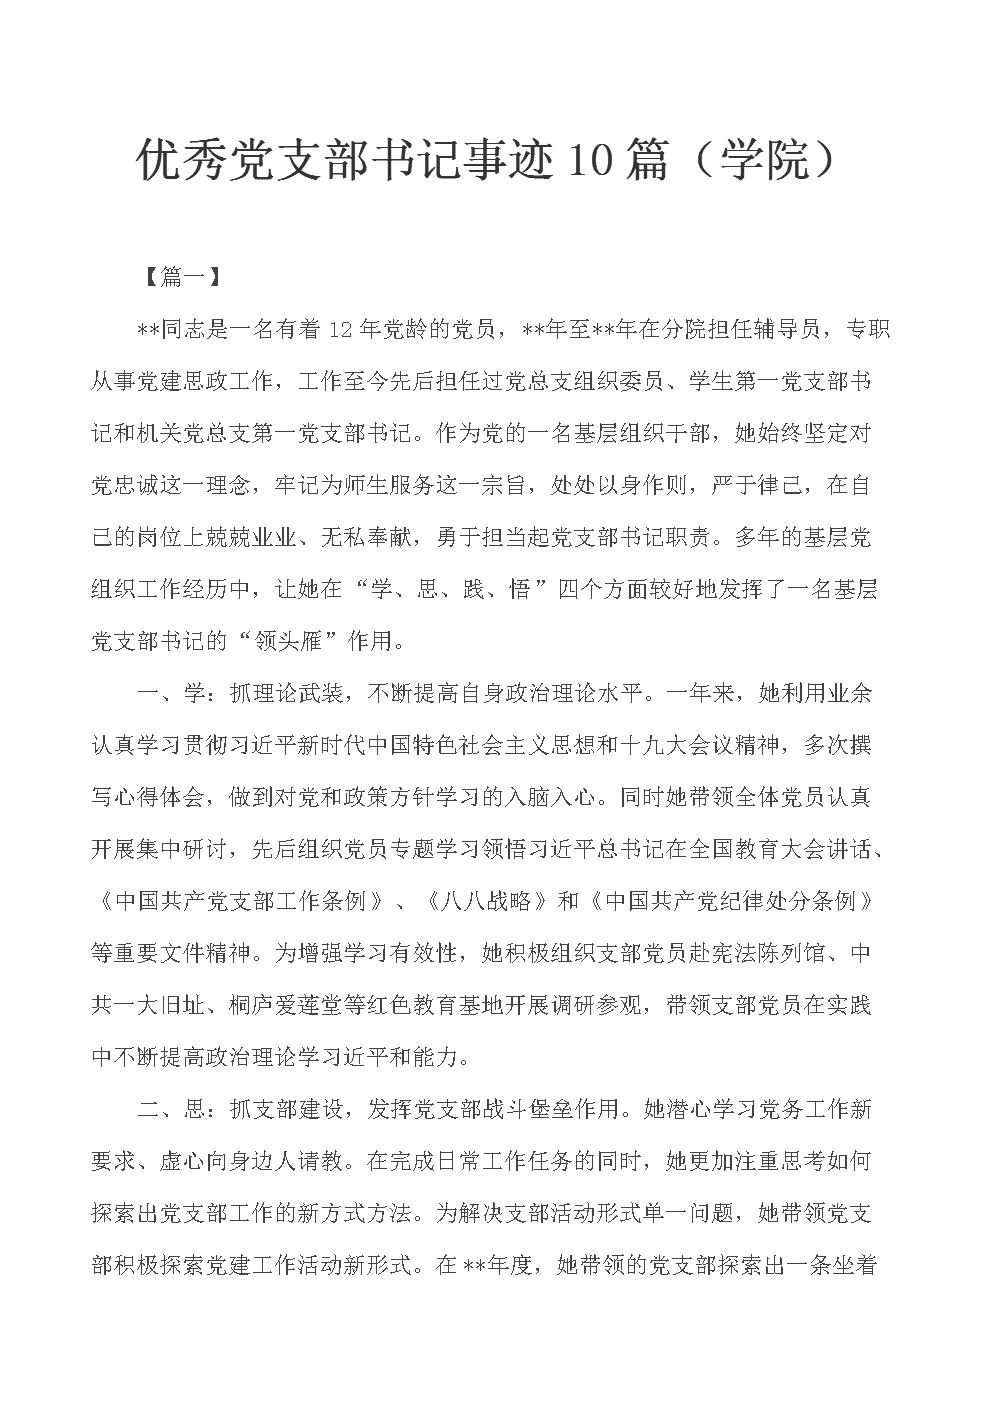 优秀党支部书记事迹10篇(学院).docx